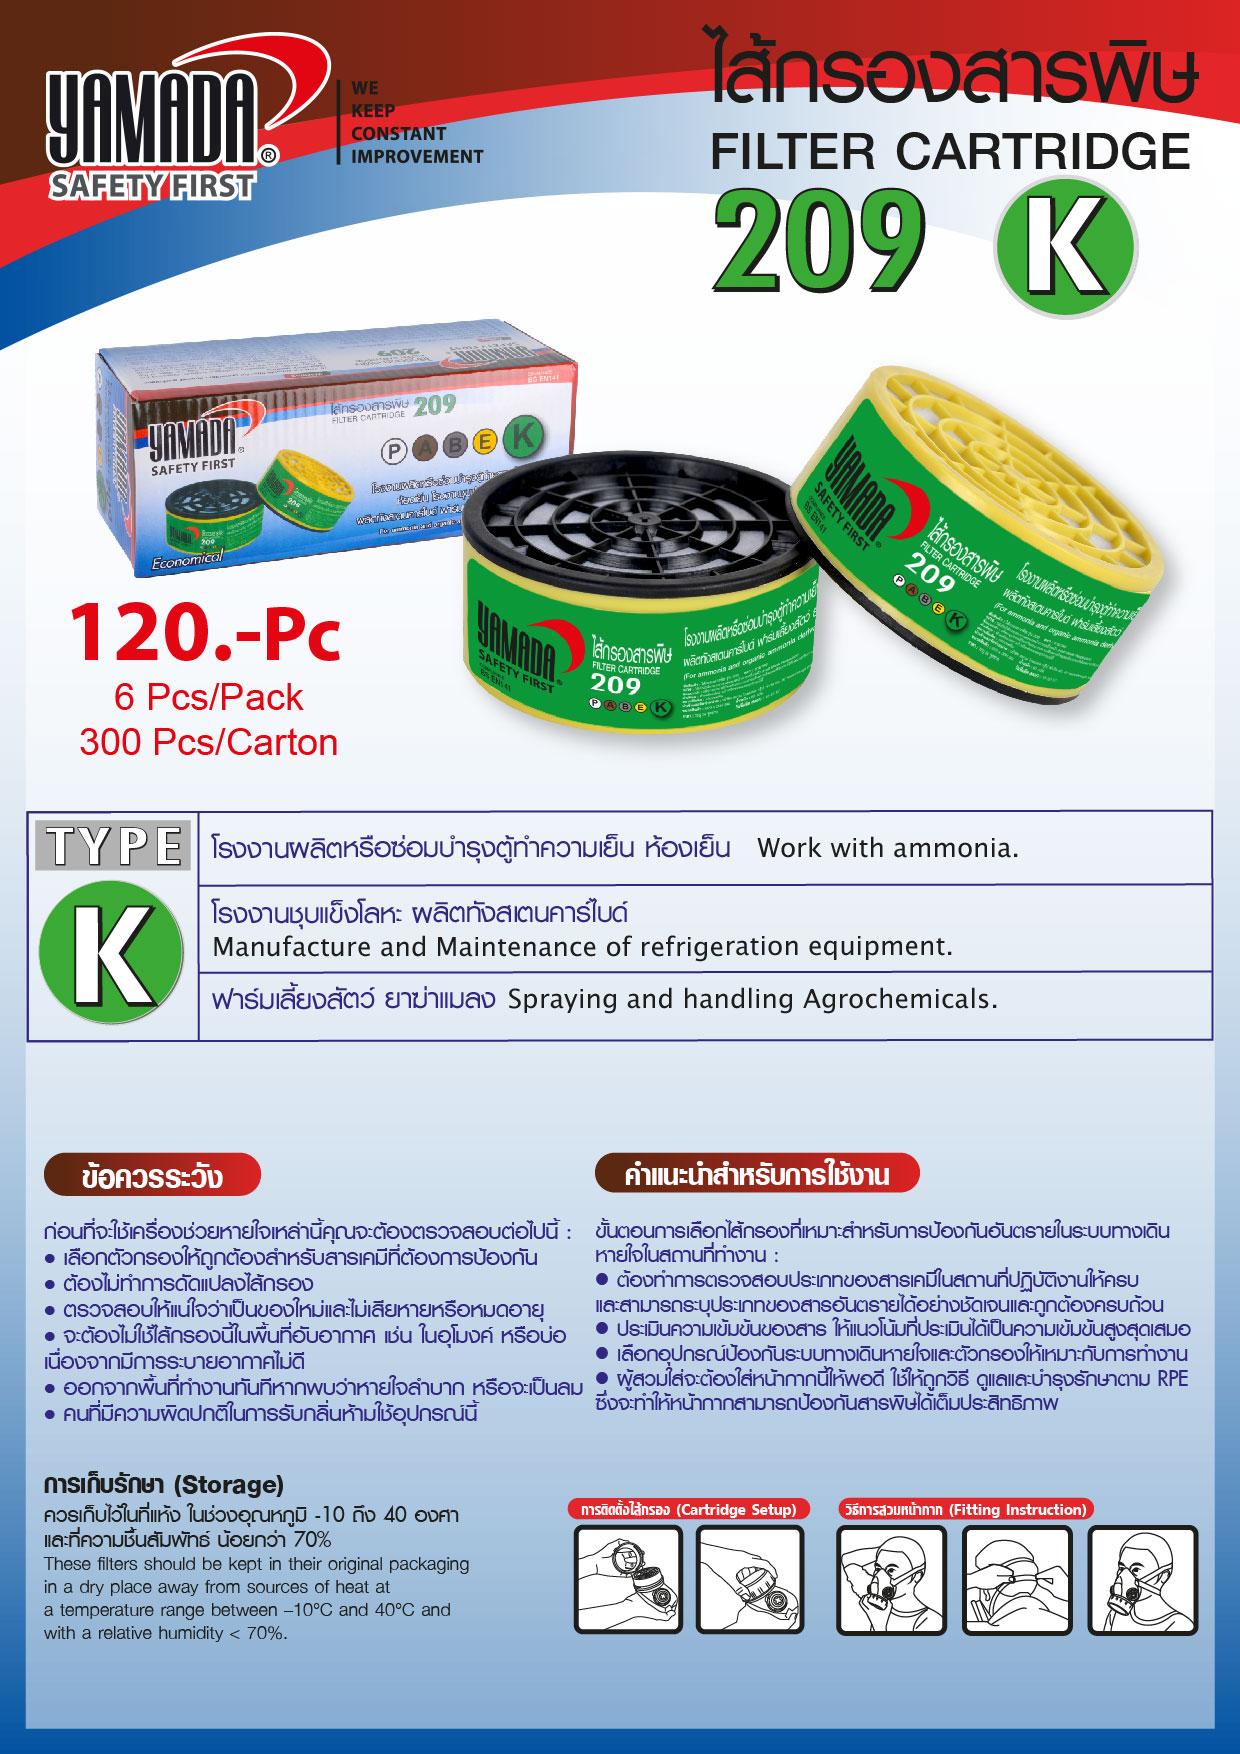 (86/271) ไส้กรองสารพิษ 209 TYPE K / Filter Cartridge